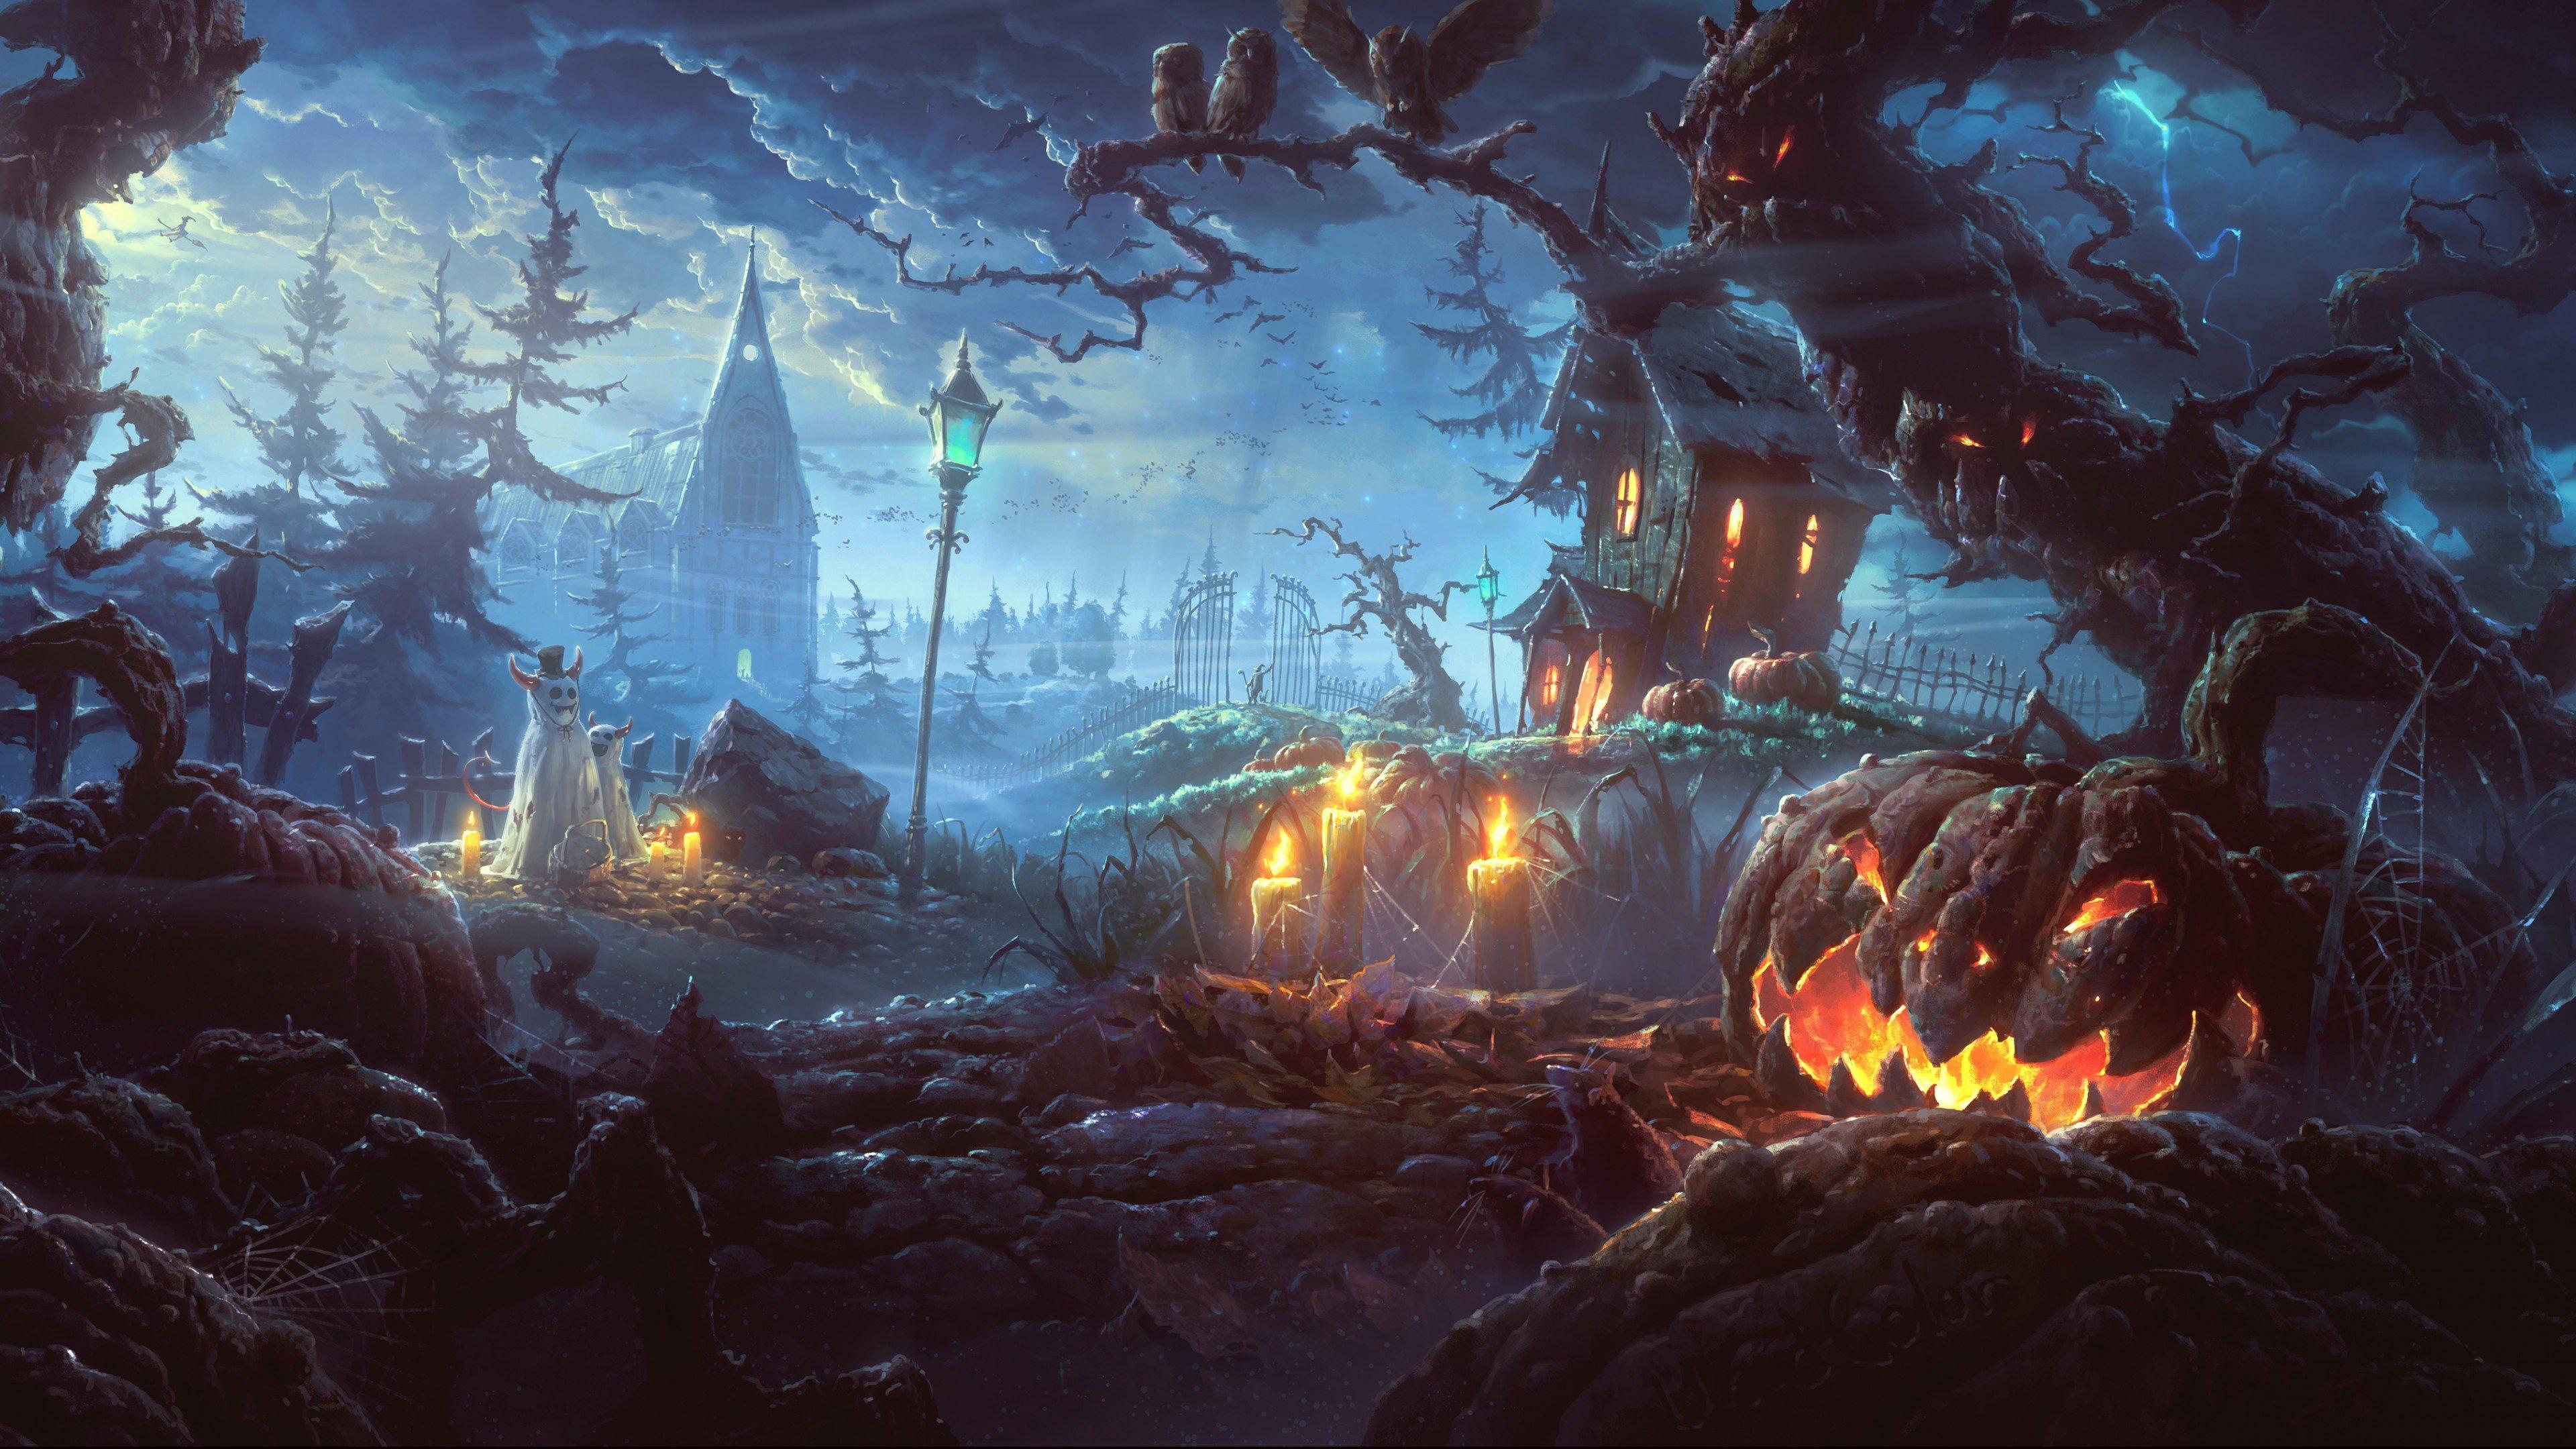 Fondos de pantalla Casa embrujada en Halloween